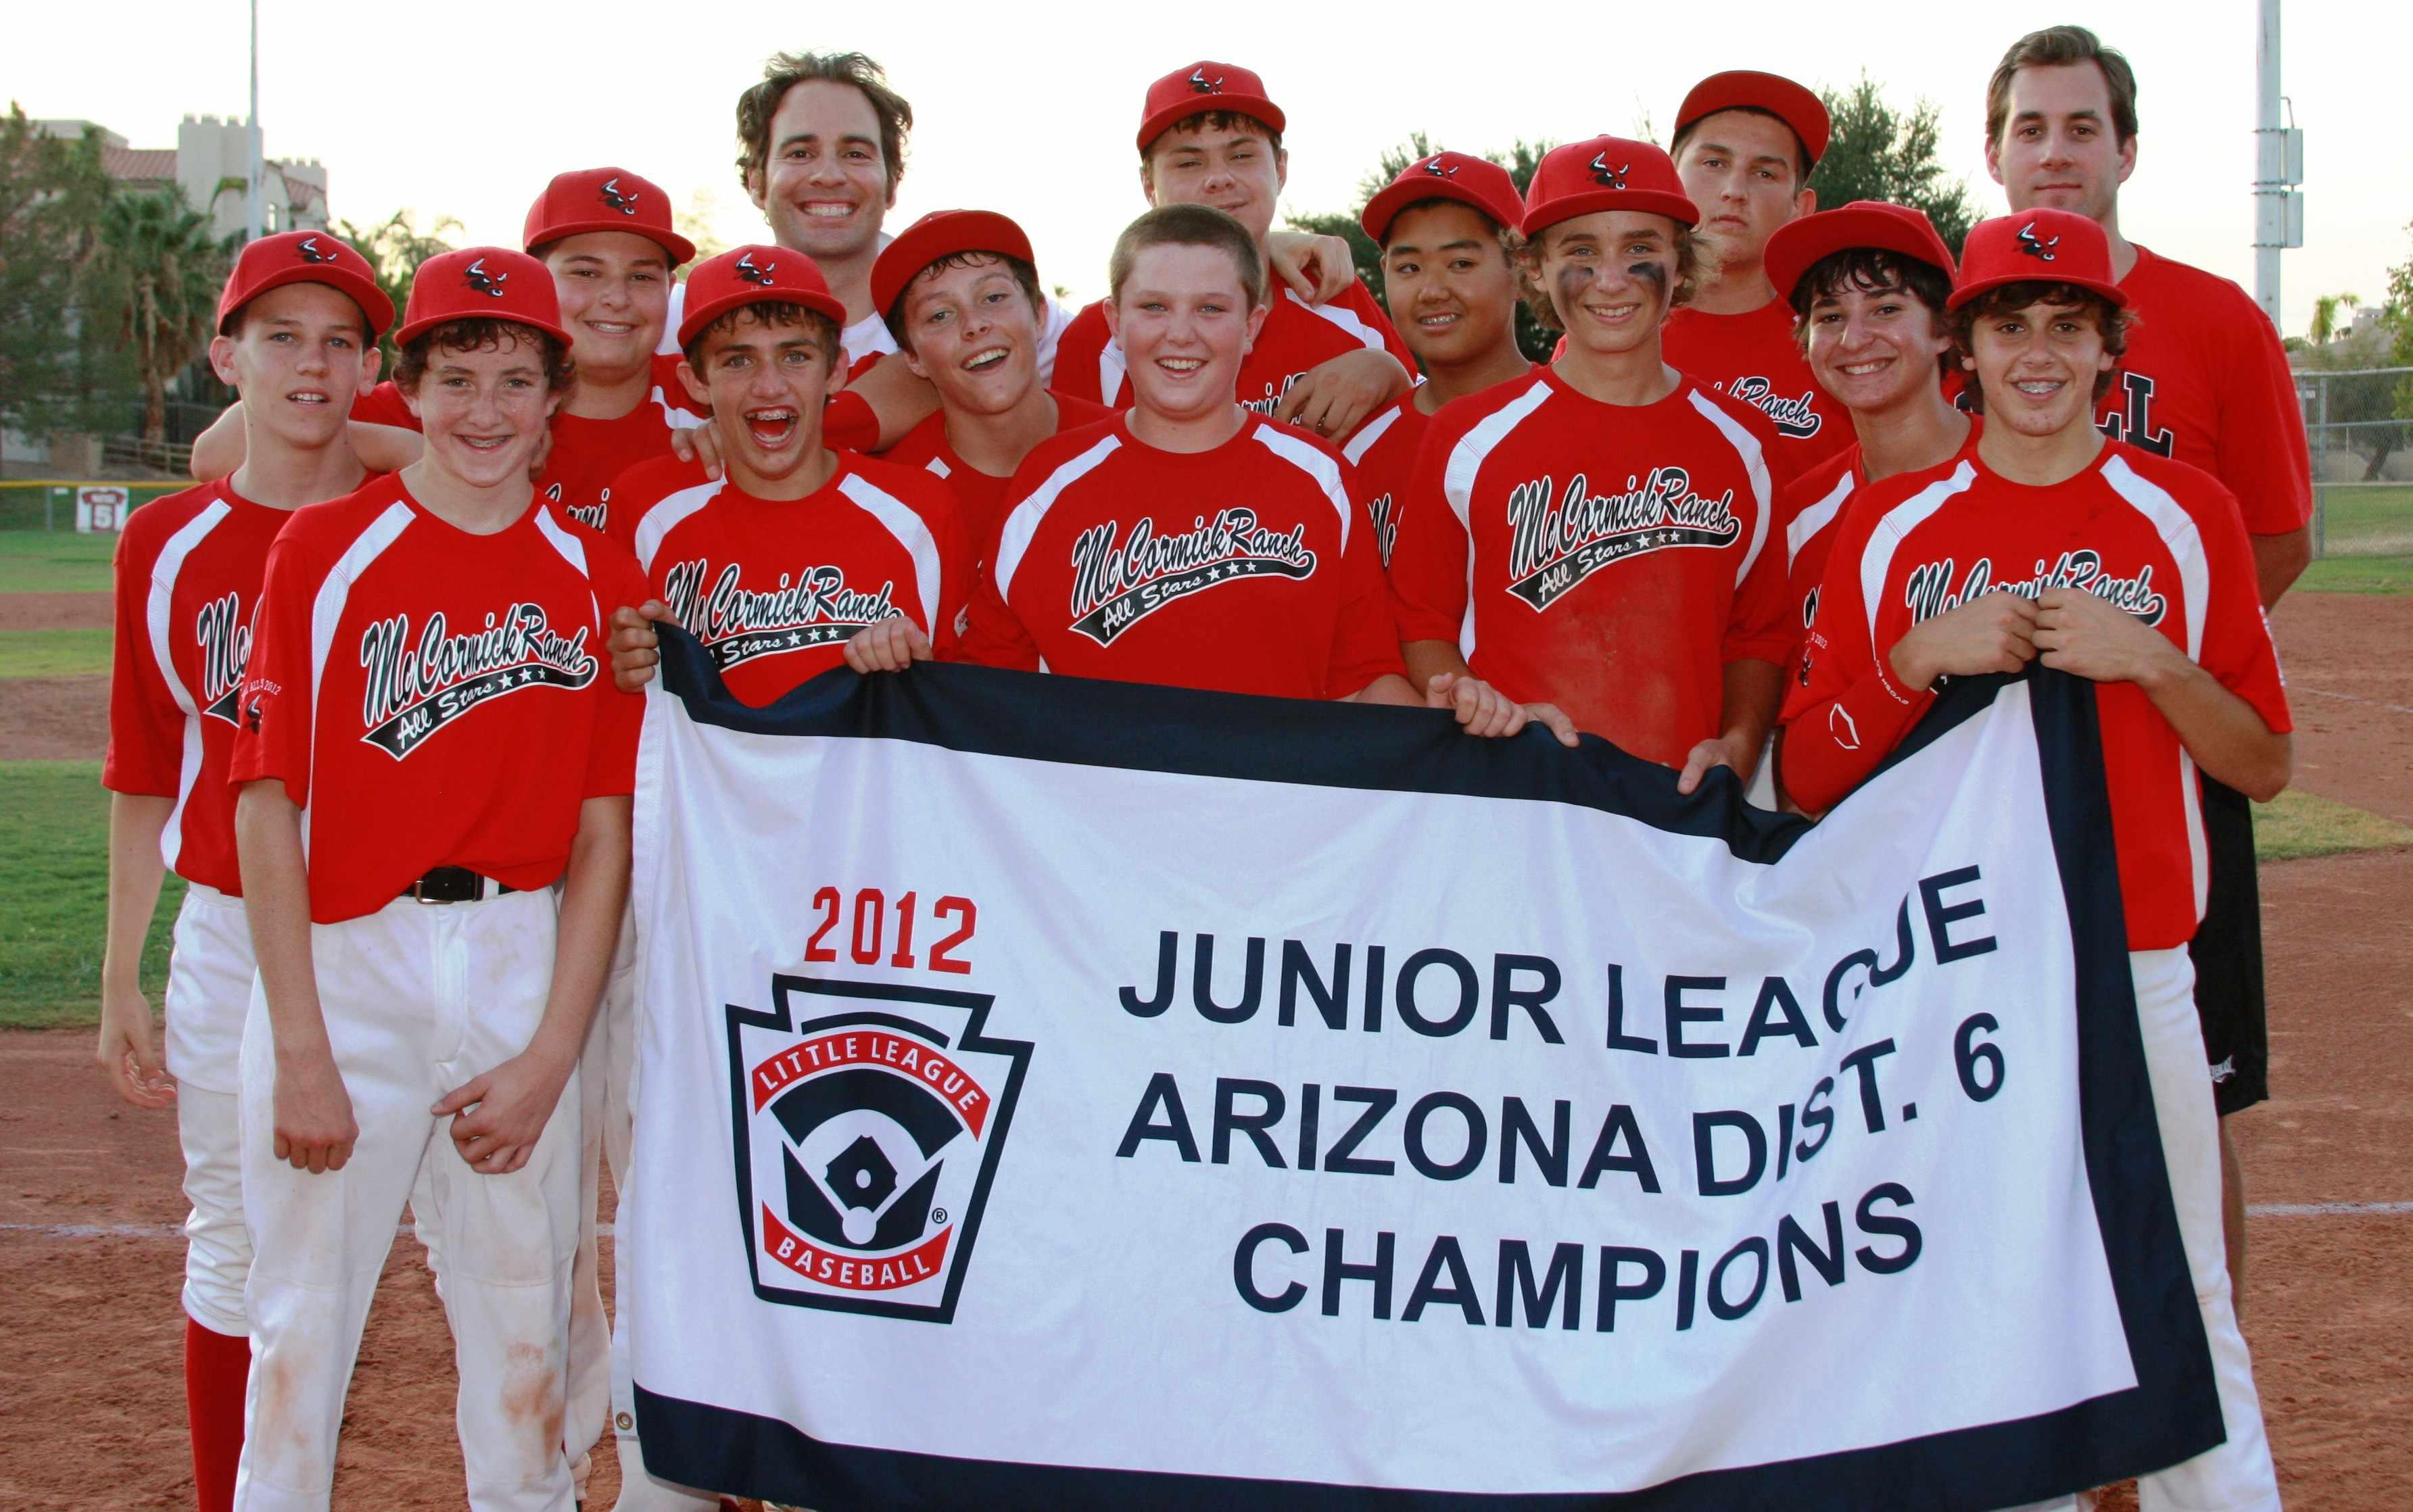 MRLL 2012 Jr Baseball Champions-1.jpg